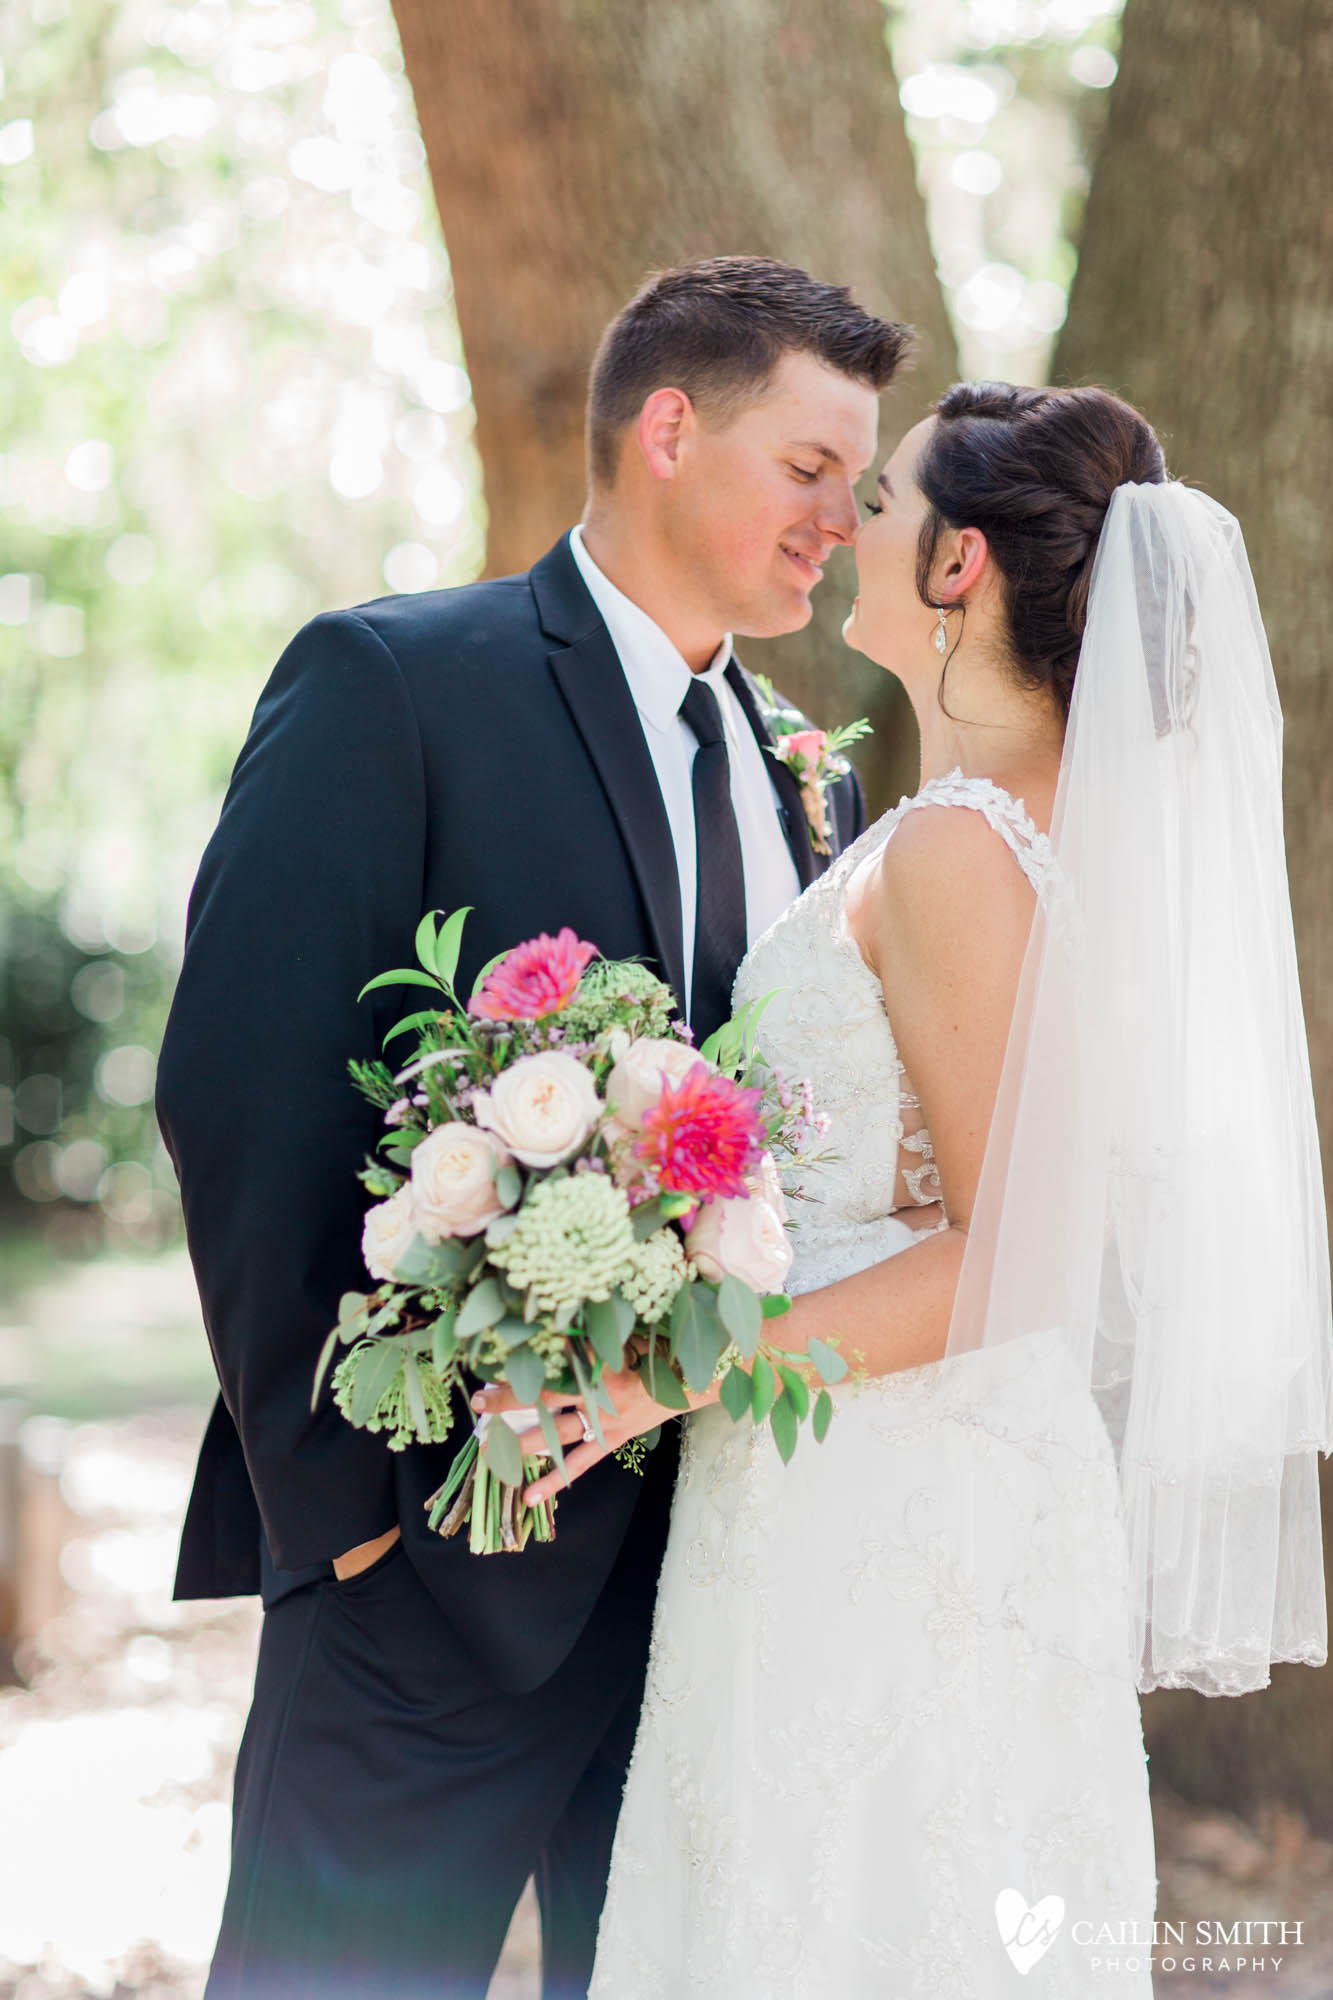 Bethany_Kyle_Bowing_Oaks_Plantation_Wedding_Photography_0050.jpg